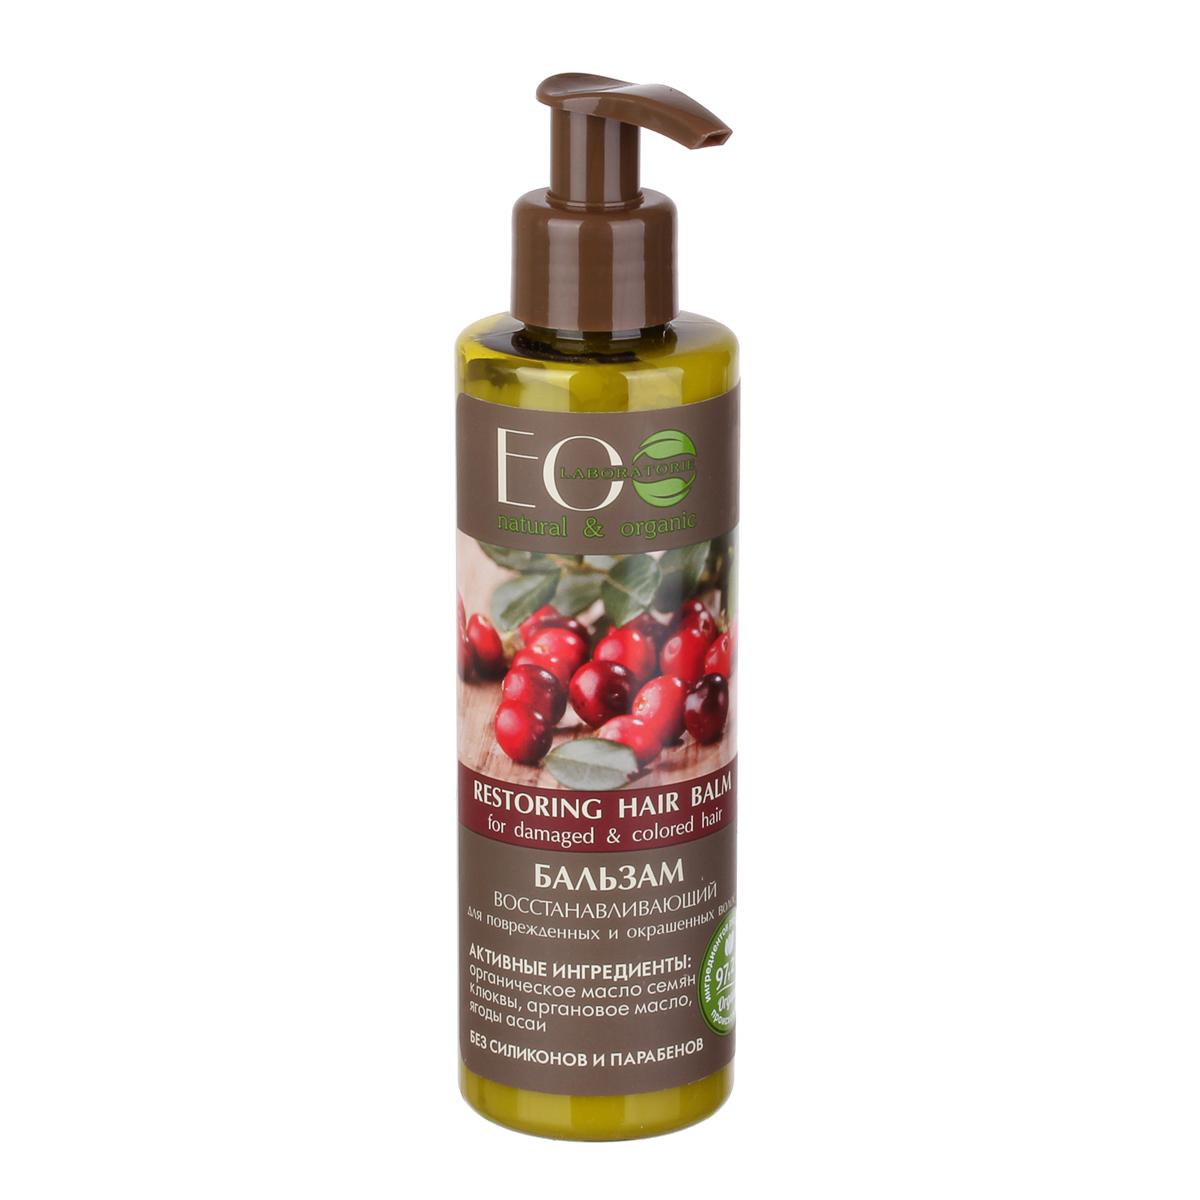 EcoLab ЭкоЛаб Бальзам Восстанавливающий 200 мл4605845001470Предотвращает ломкость и потерю волос, улучшает структуру поврежденных волос, ухаживает за волосами по всей длине. Сочетает питательное и увлажняющее действие. Активные ингредиенты: органическое масло семян клюквы, аргановое масло, экстракт ягод асаи.